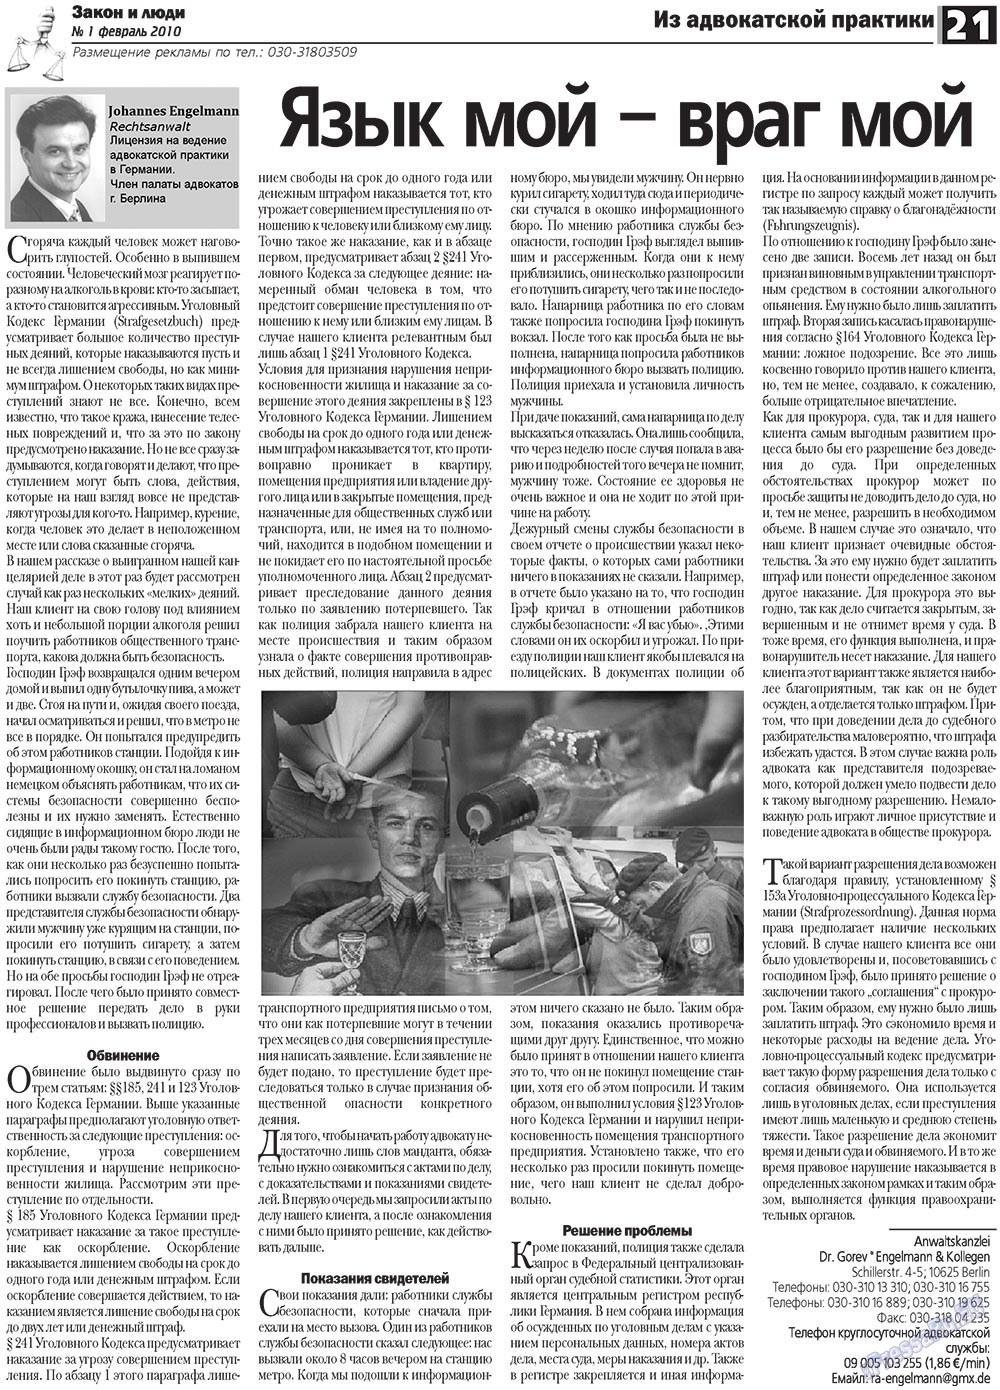 Закон и люди (газета). 2010 год, номер 1, стр. 21